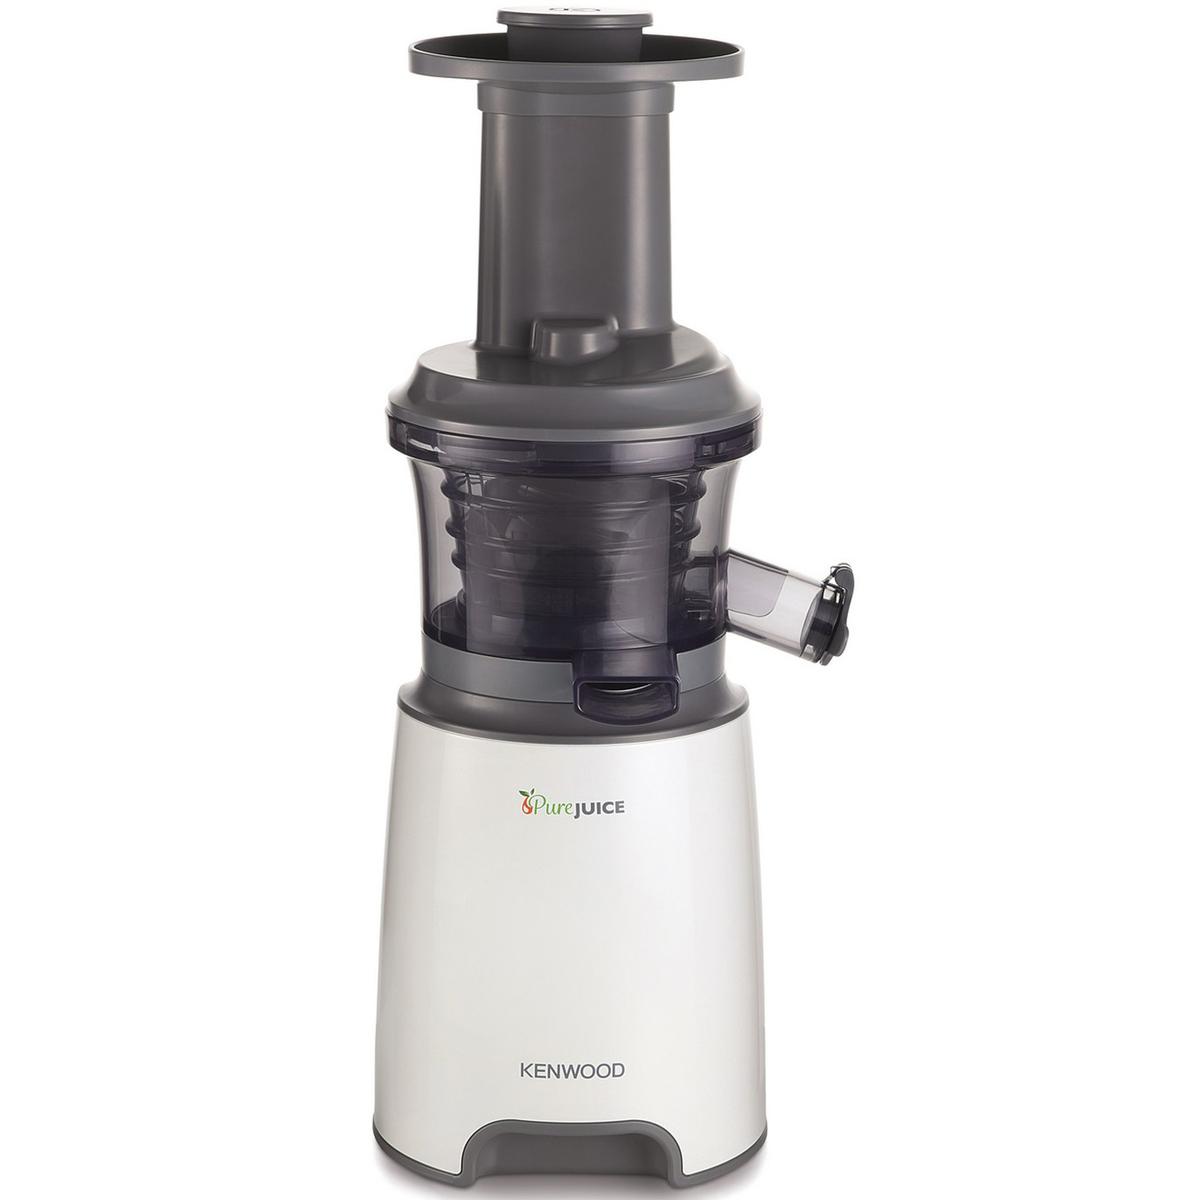 KENWOOD Juicer Juice Extractor Sorbet Attachment PureJuice JMP601WH